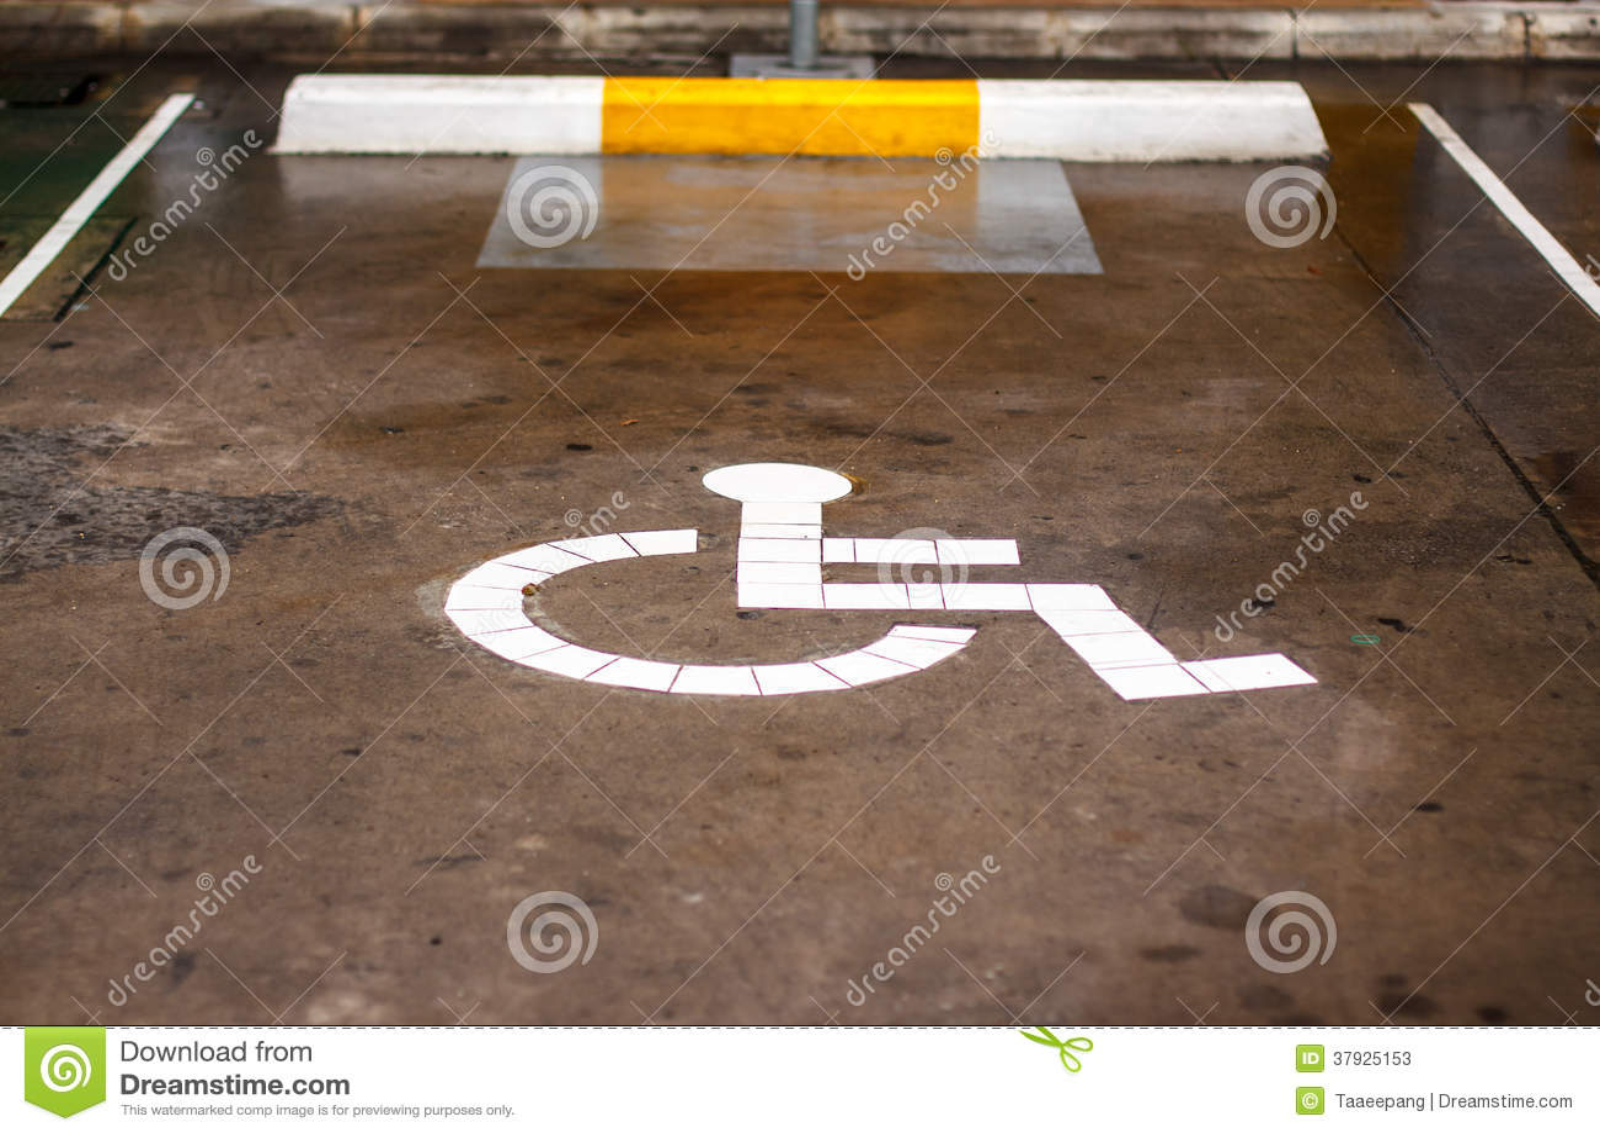 Знаки для людей с инвалидностью